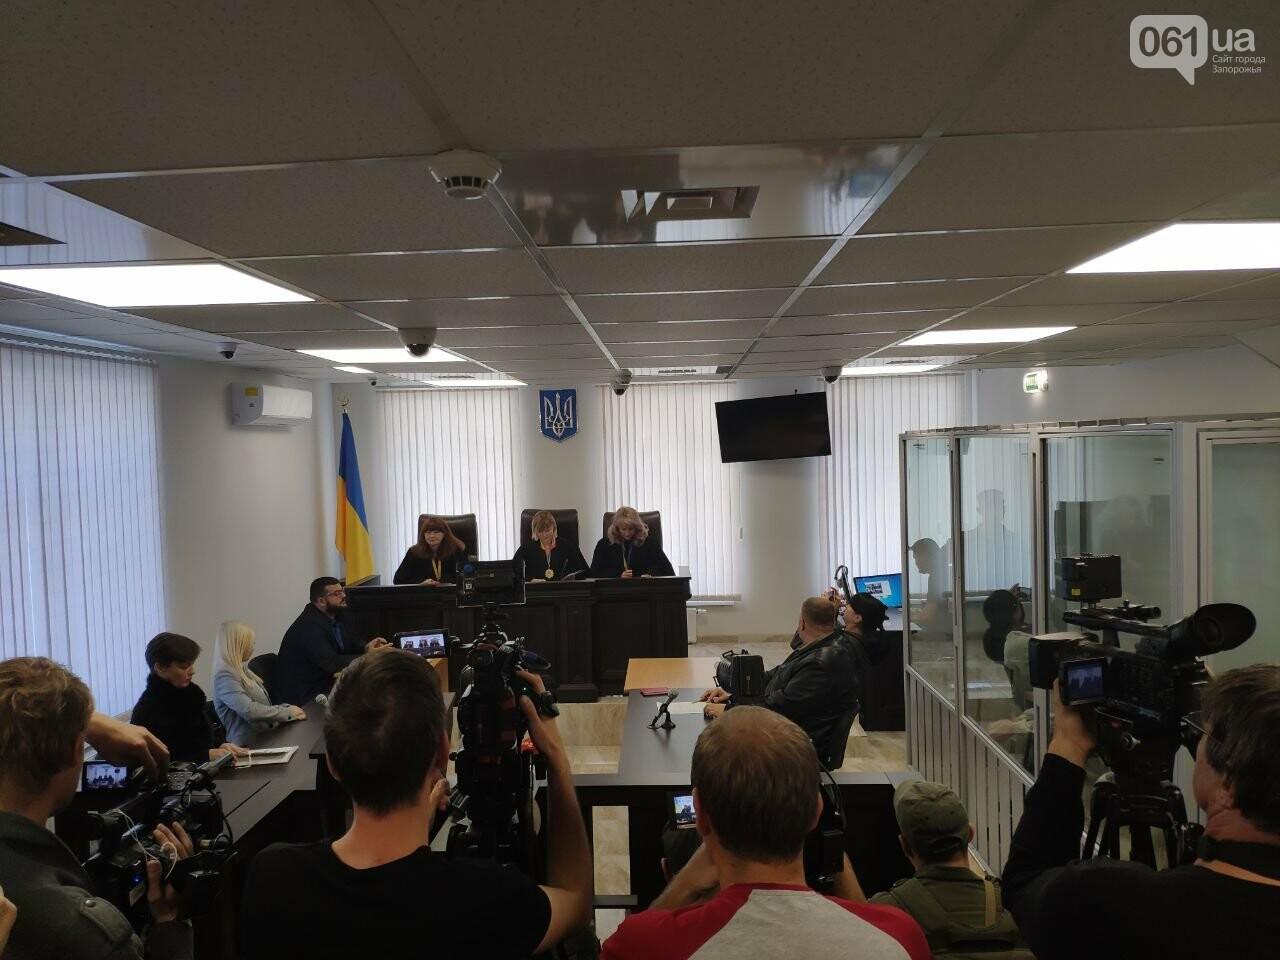 В день, когда гражданский супруг поджег Настю Ковалеву, она выгнала его из дома: репортаж из зала суда, - ФОТО, фото-1